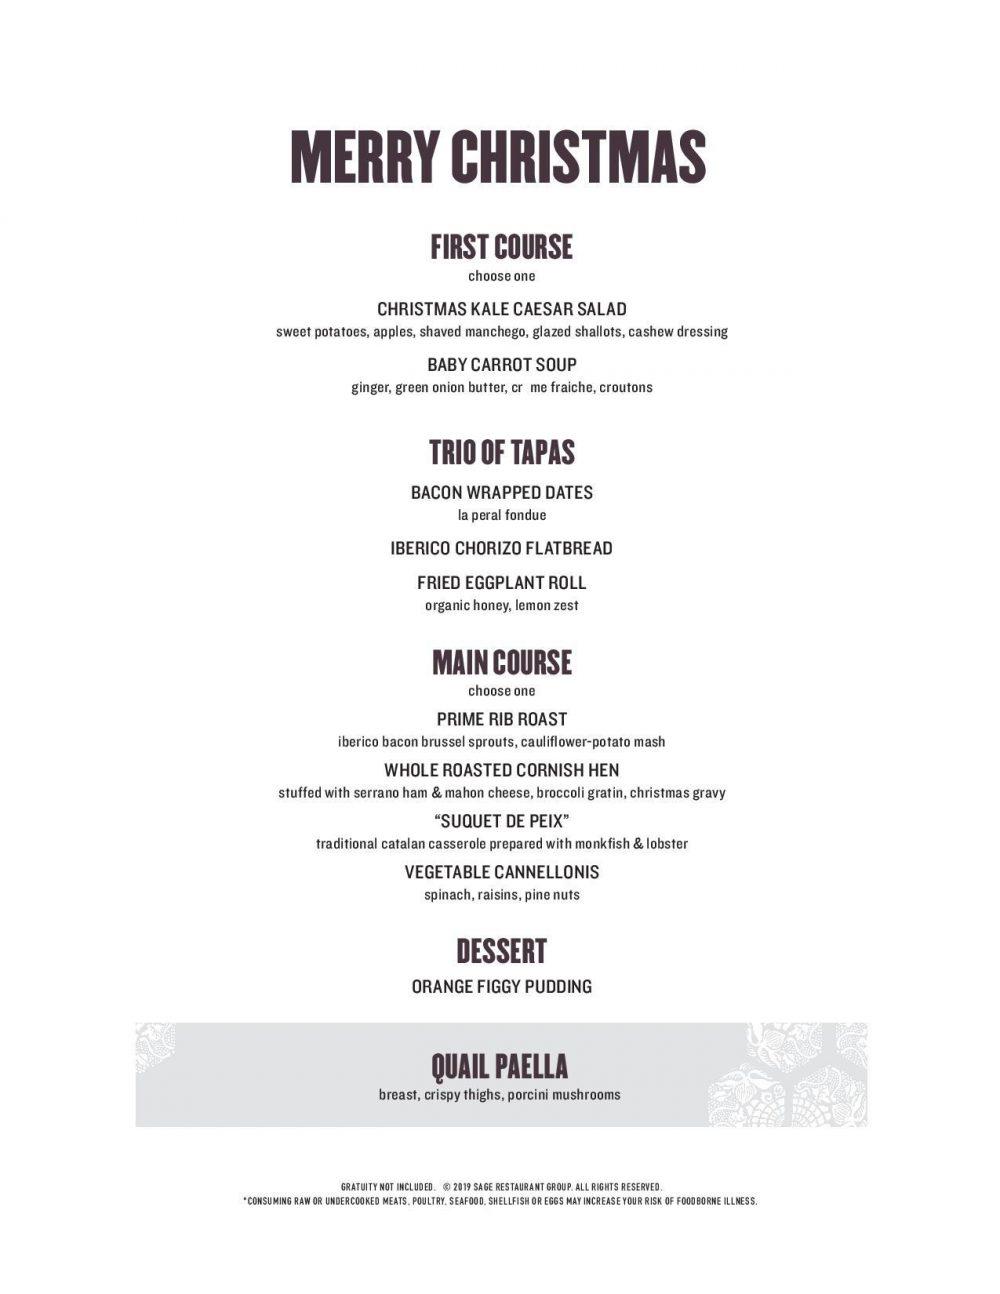 Mercat Christmas Menu